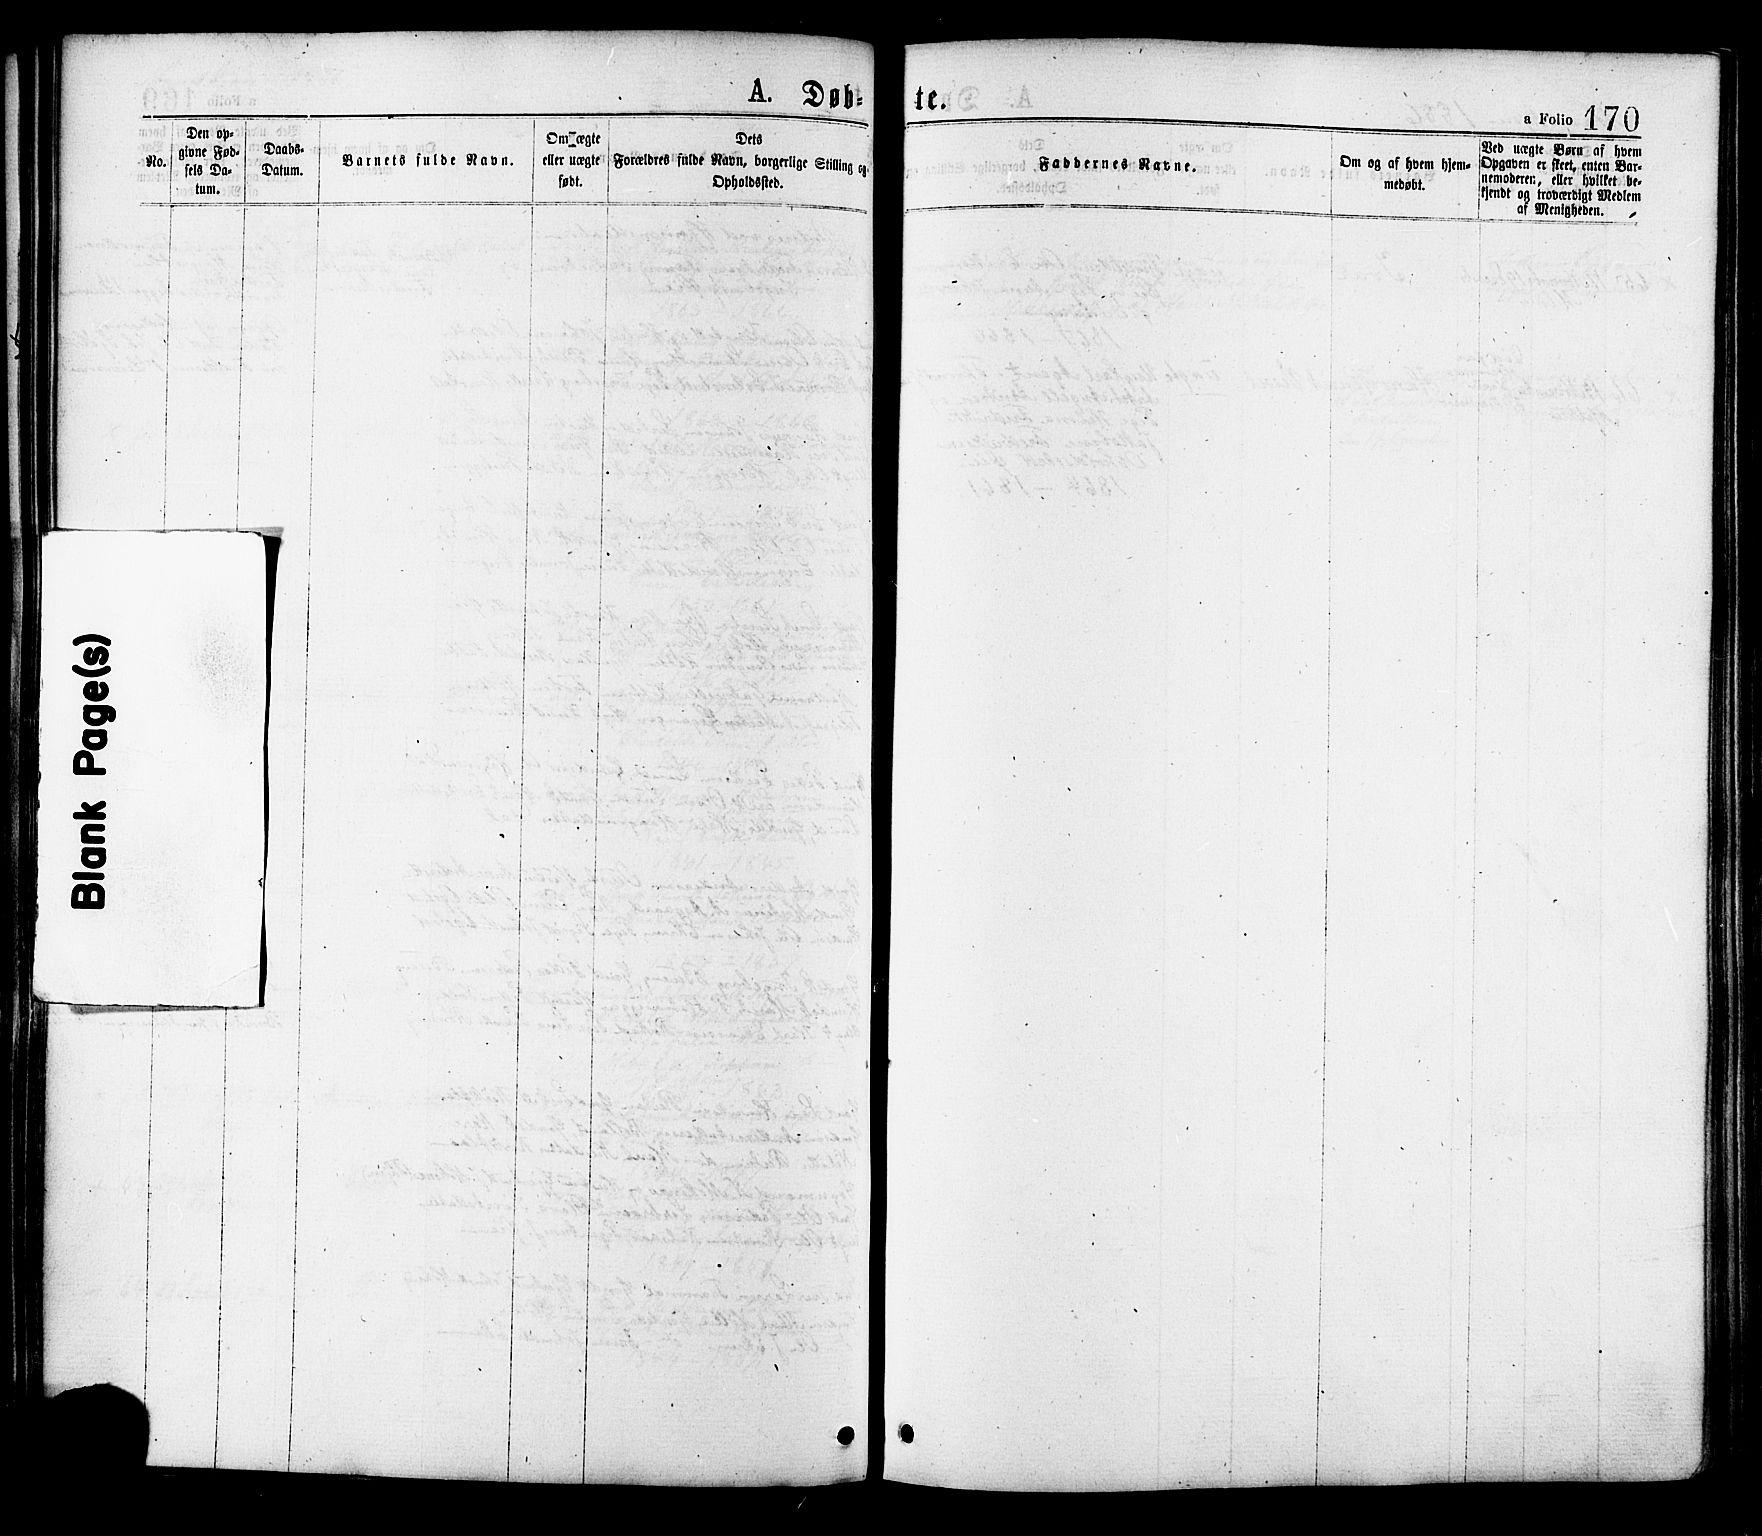 SAT, Ministerialprotokoller, klokkerbøker og fødselsregistre - Sør-Trøndelag, 691/L1079: Ministerialbok nr. 691A11, 1873-1886, s. 170